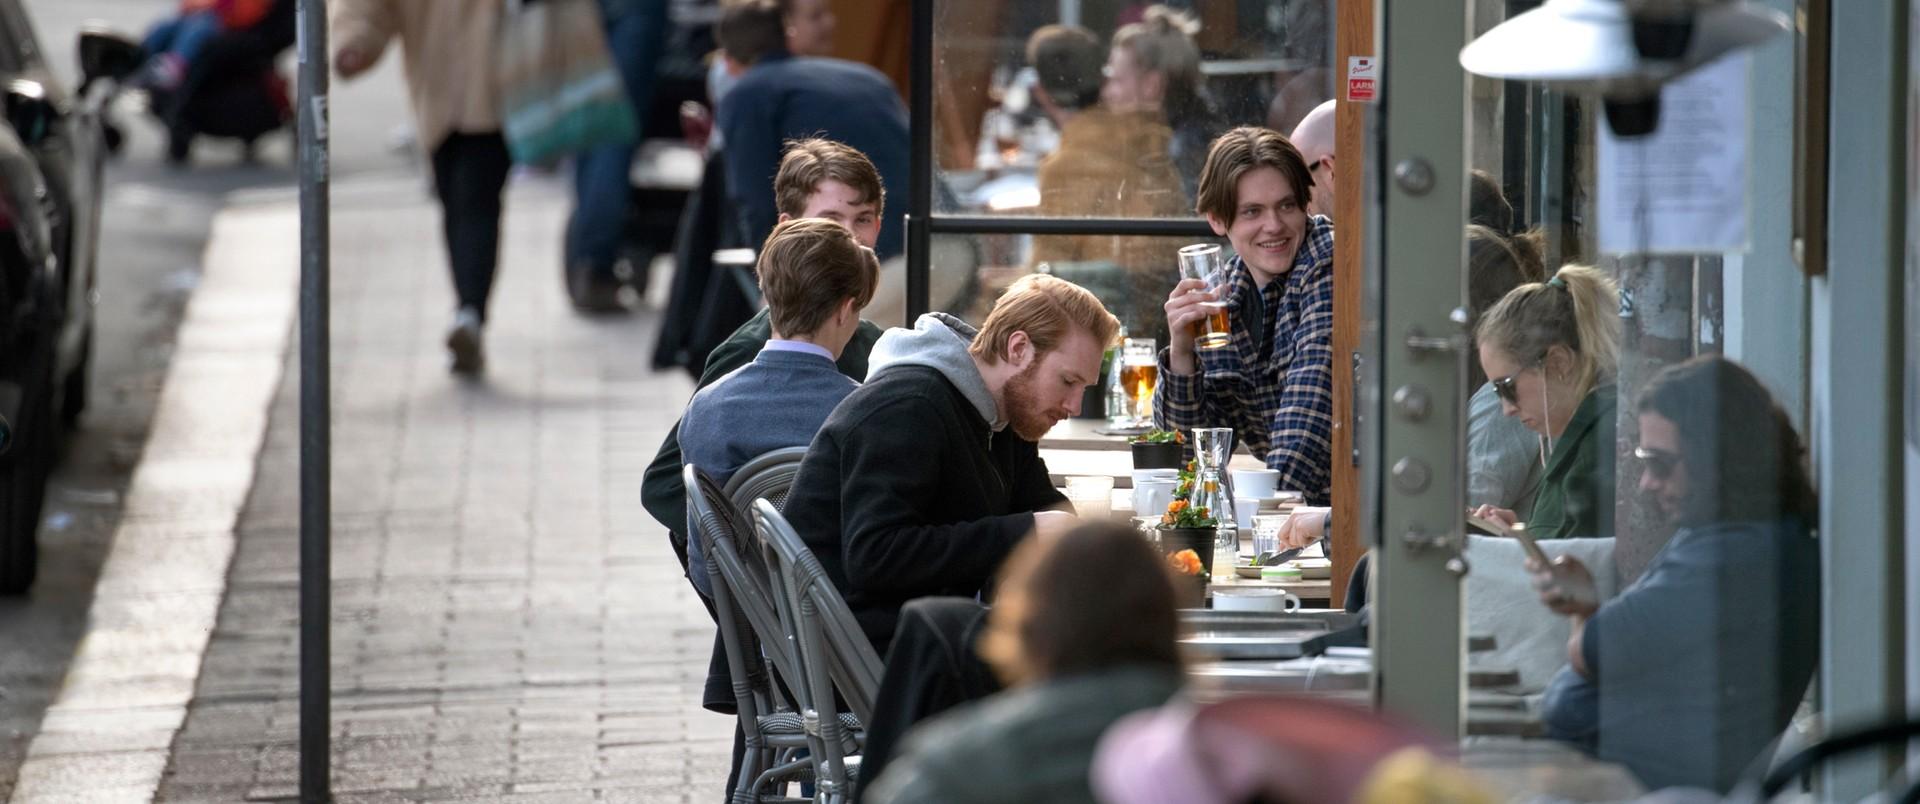 Szwedzi mogą korzystać z barów i restauracji